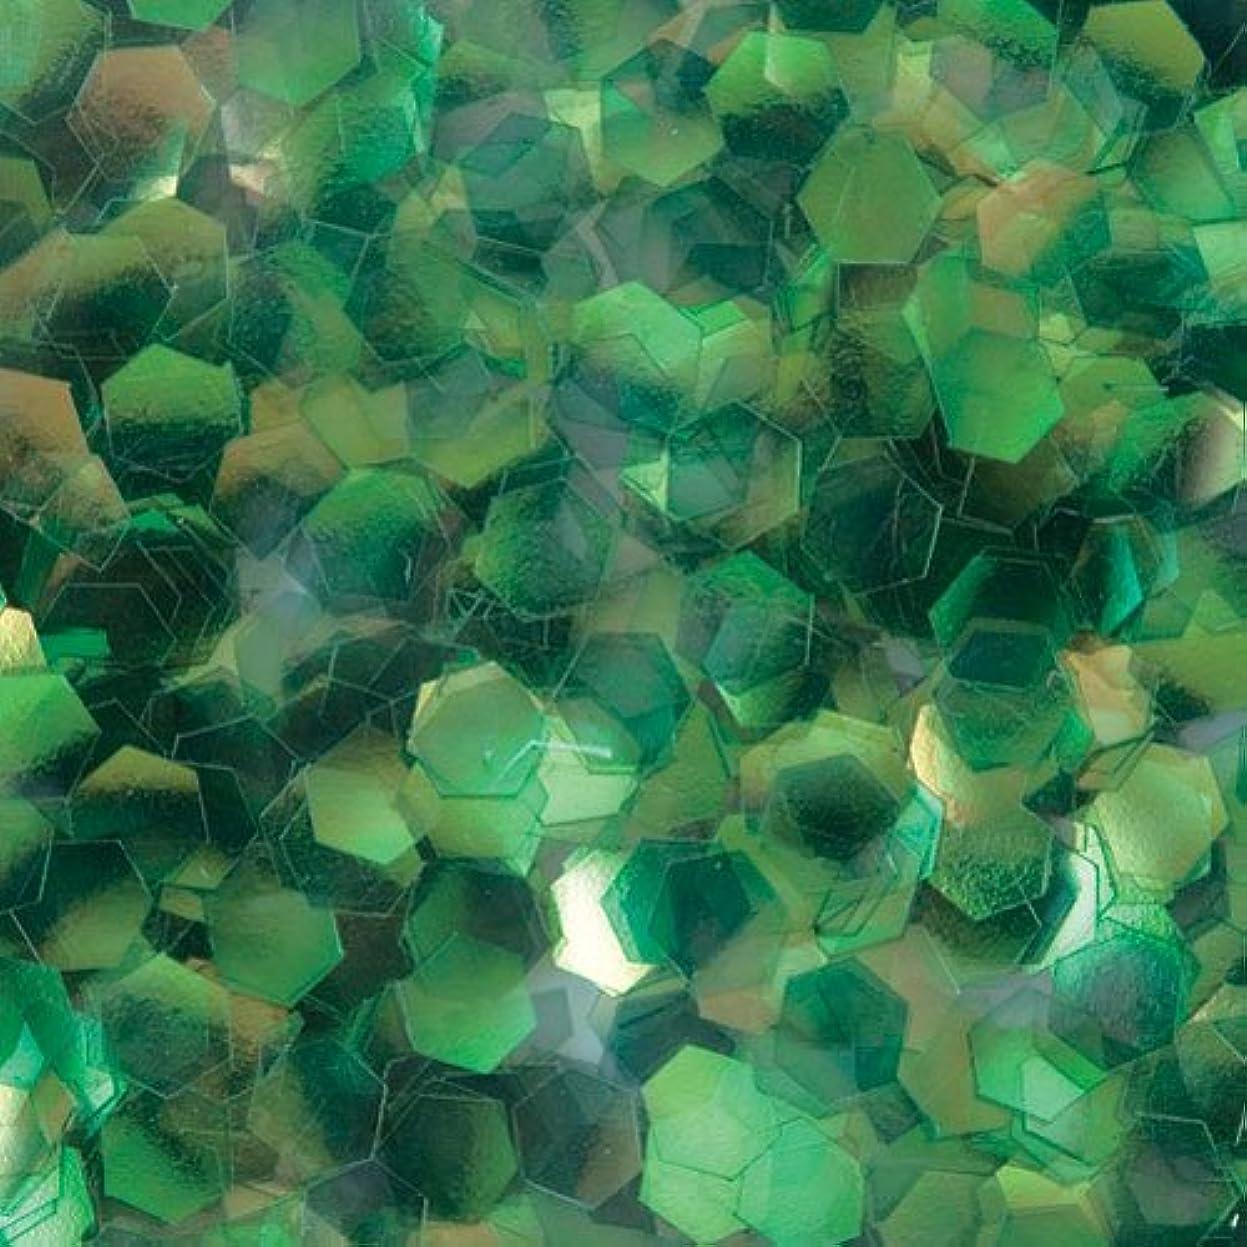 手入れ植生雨のピカエース ネイル用パウダー 六角オーロラG 2.5mm #330 グリーン 0.5g